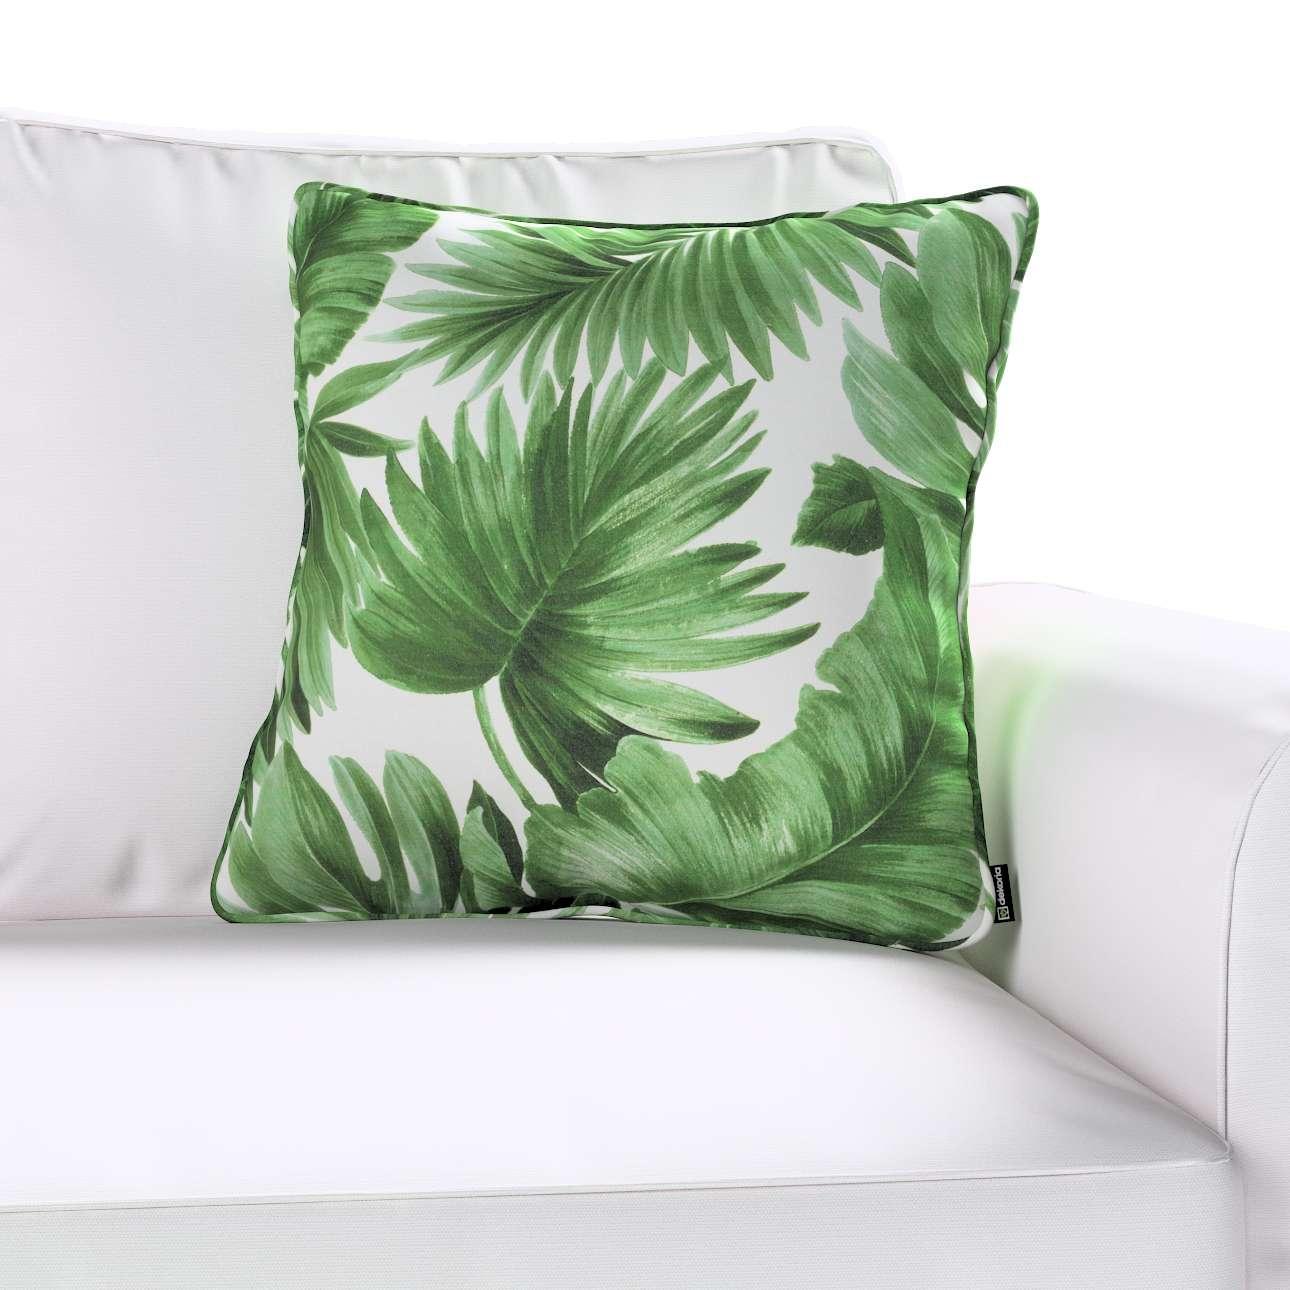 Poszewka Gabi na poduszkę w kolekcji Tropical Island, tkanina: 141-71